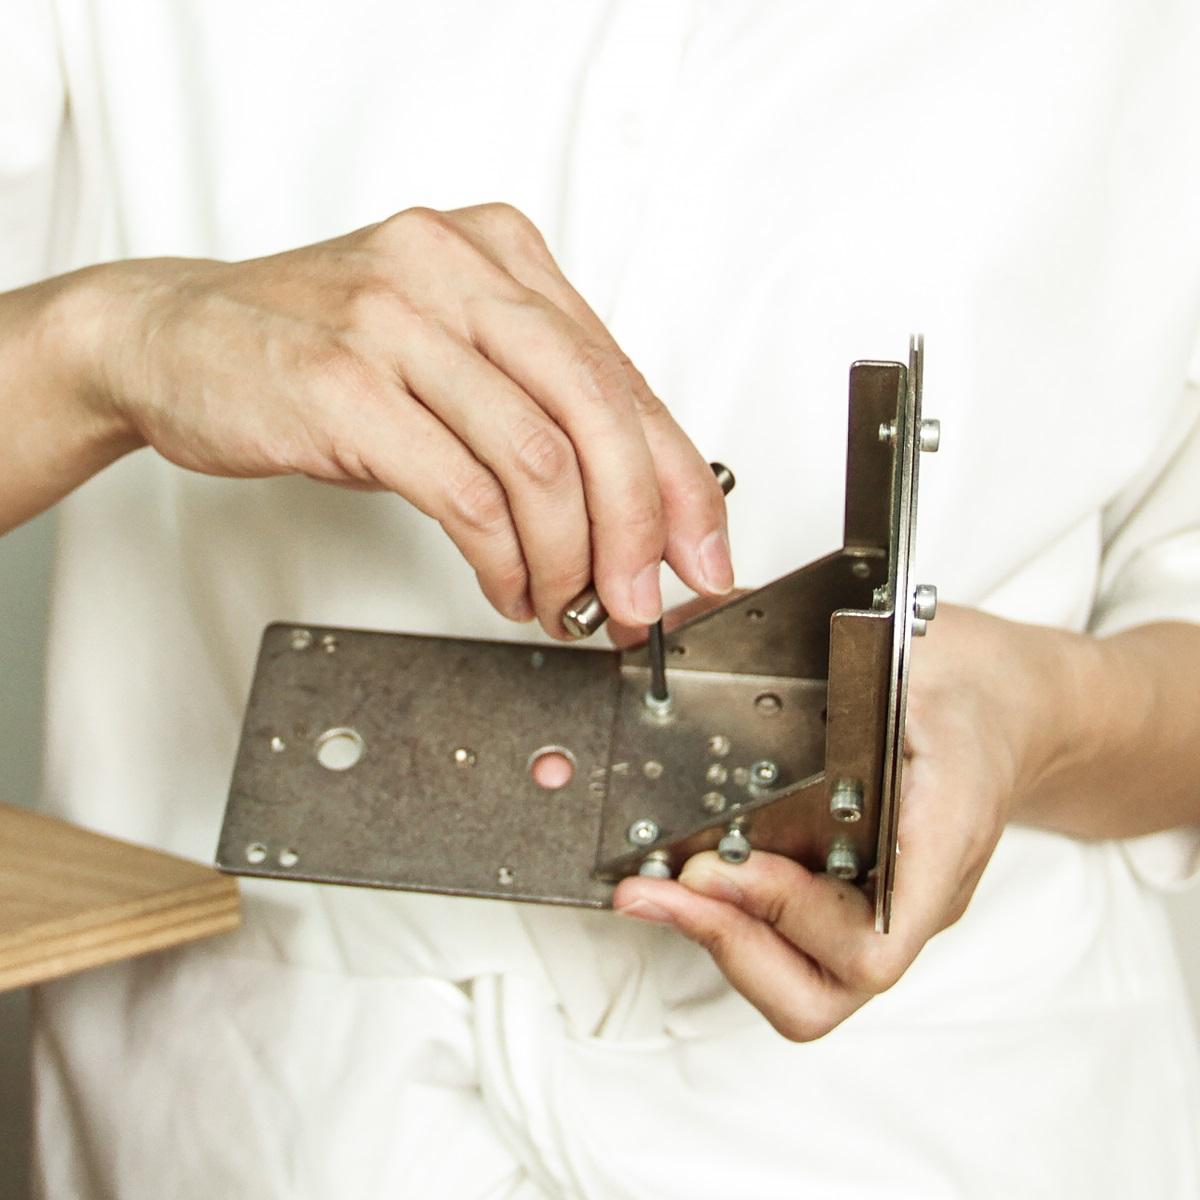 ソーガイド 鋸セット替刃式 補助ガイド付き  ゼットソー